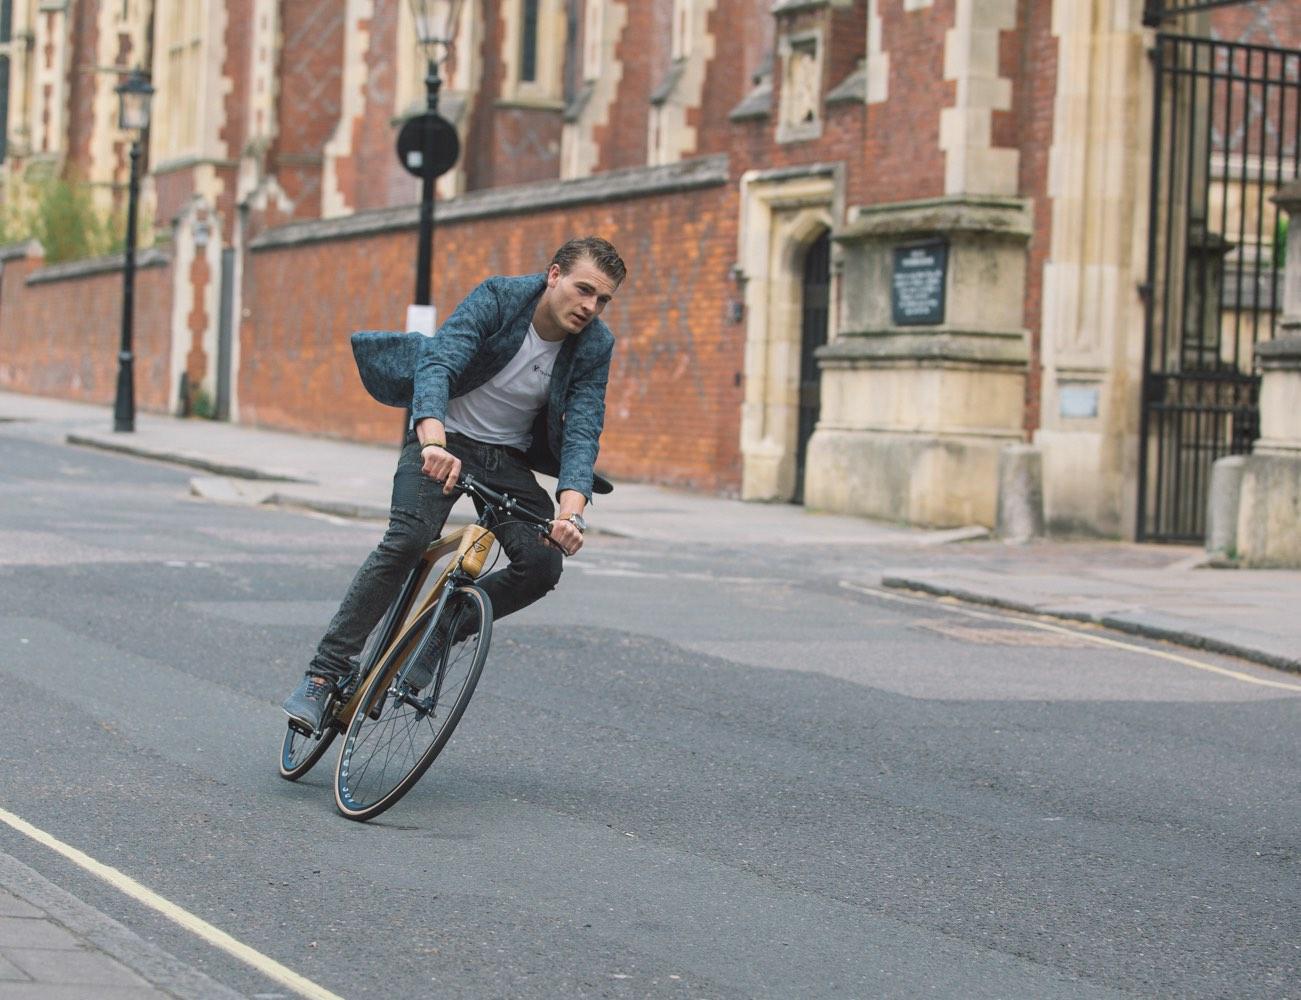 Svarog-City-Bike-by-Tratar-Bikes-02.jpg